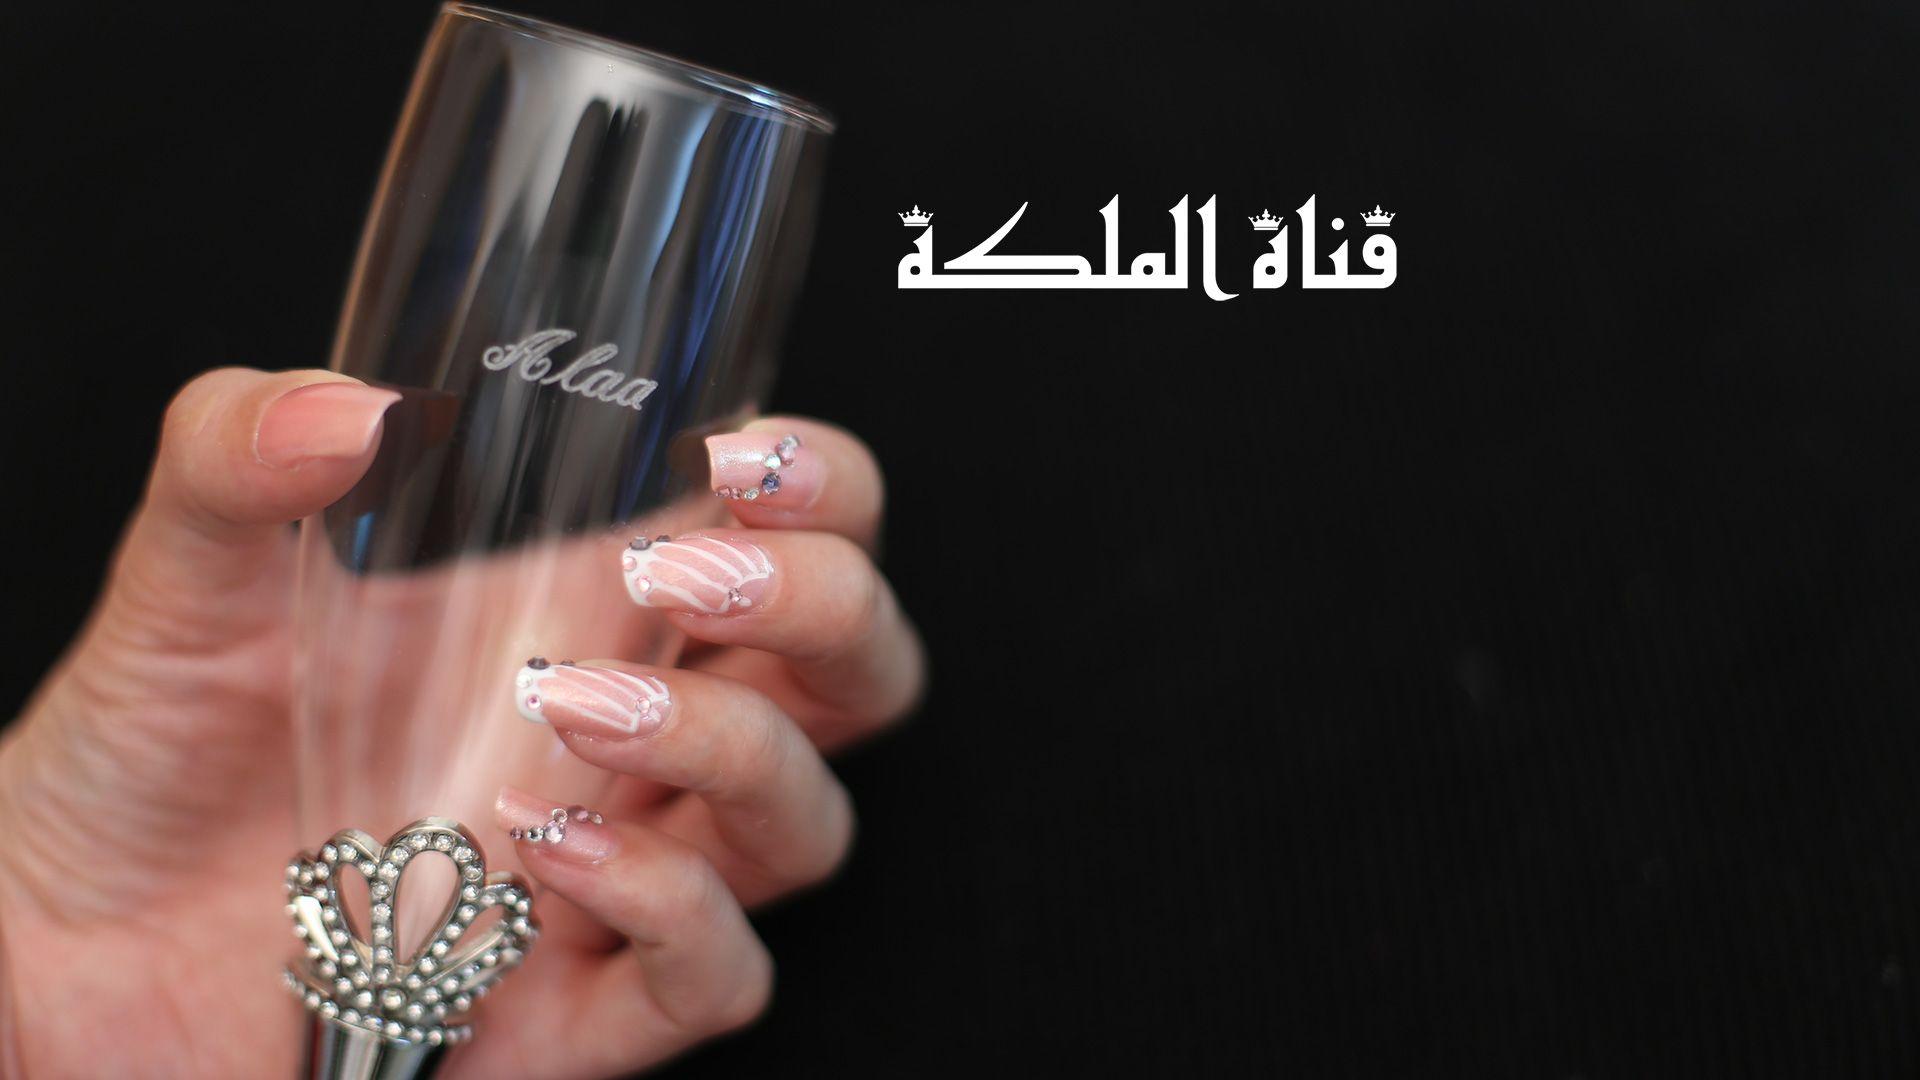 ترغبين بطلاء مميز يناسب حفللات الاعراس والمناسبات الخاصة؟؟ إليك هذا ...